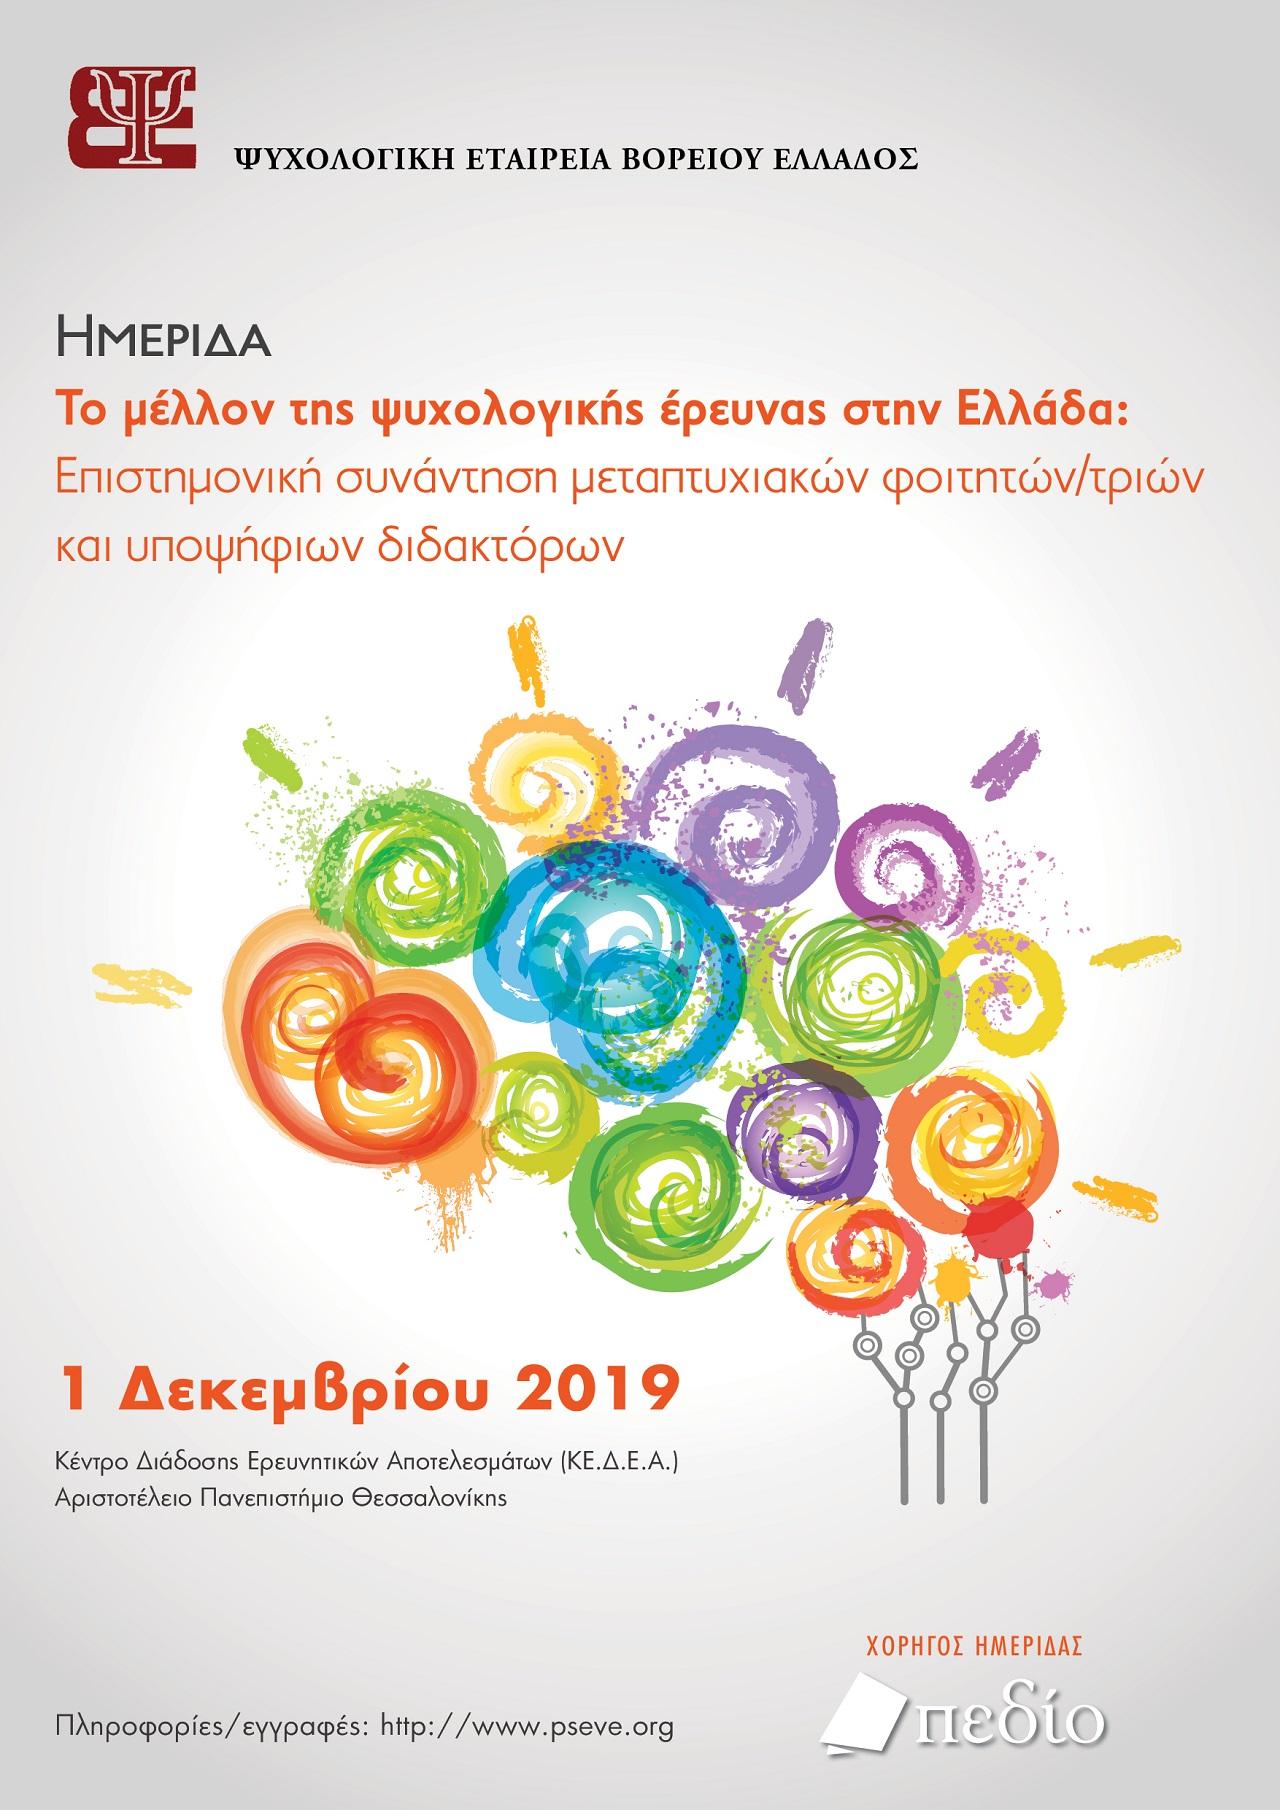 Ημερίδα Το μέλλον της ψυχολογικής έρευνας στην Ελλάδα Επιστημονική συνάντηση μεταπτυχιακών φοιτητών/τριών και υποψήφιων διδακτόρων